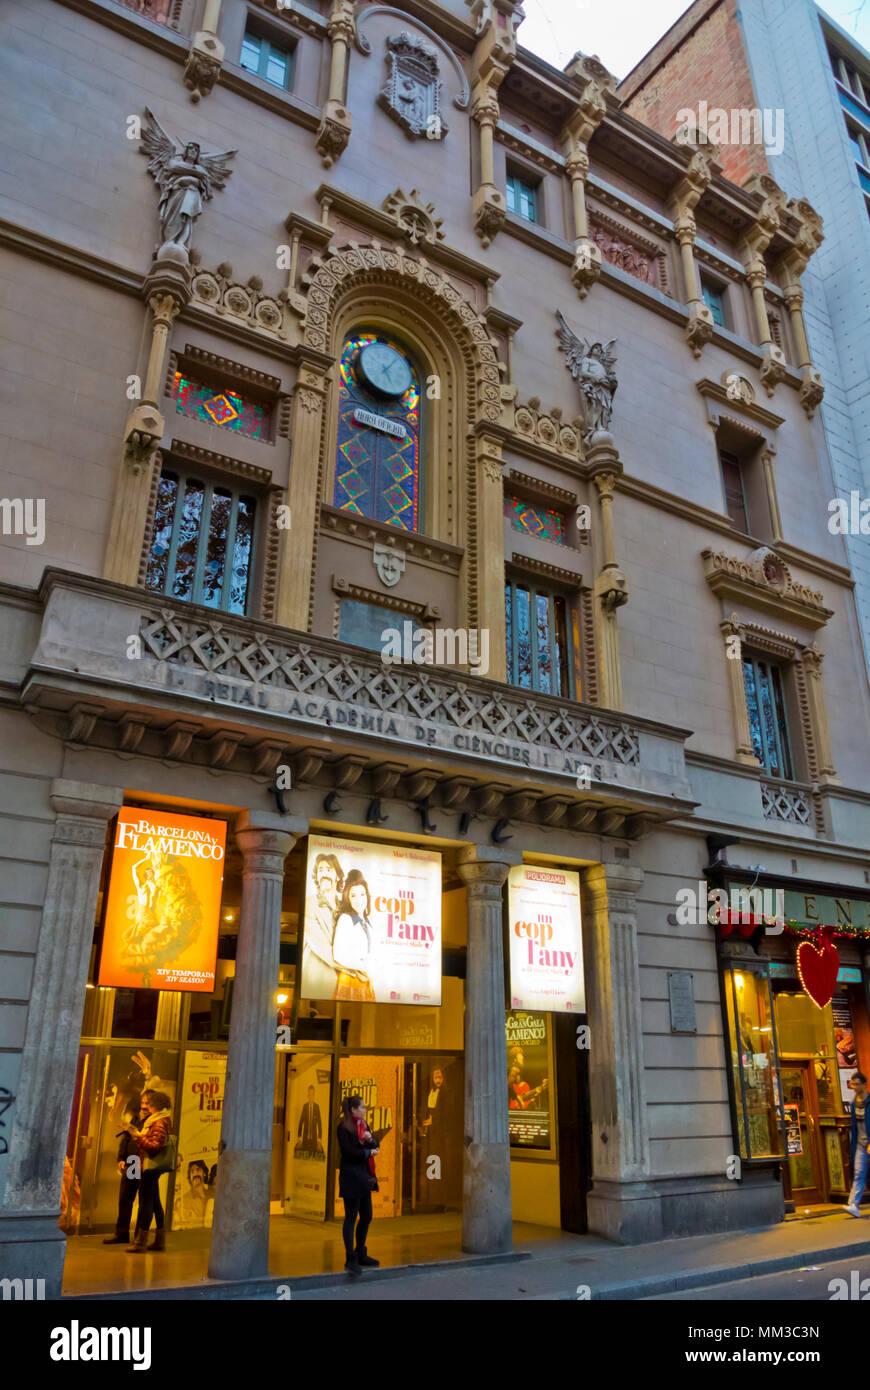 Teatre Poliorama, La Rambla, Barcelona, Catalogna, Spagna Immagini Stock